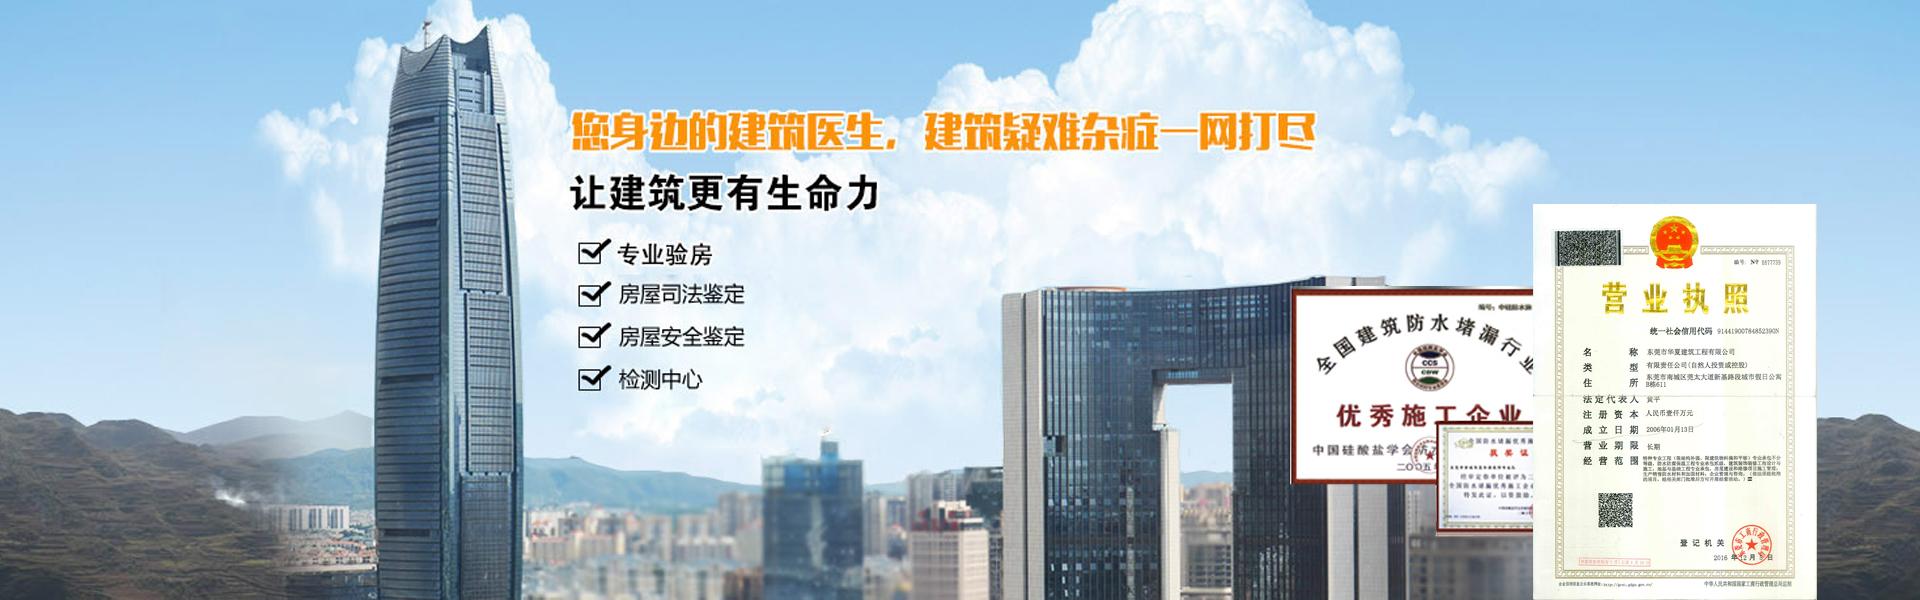 东莞市华夏建筑工程有限公司